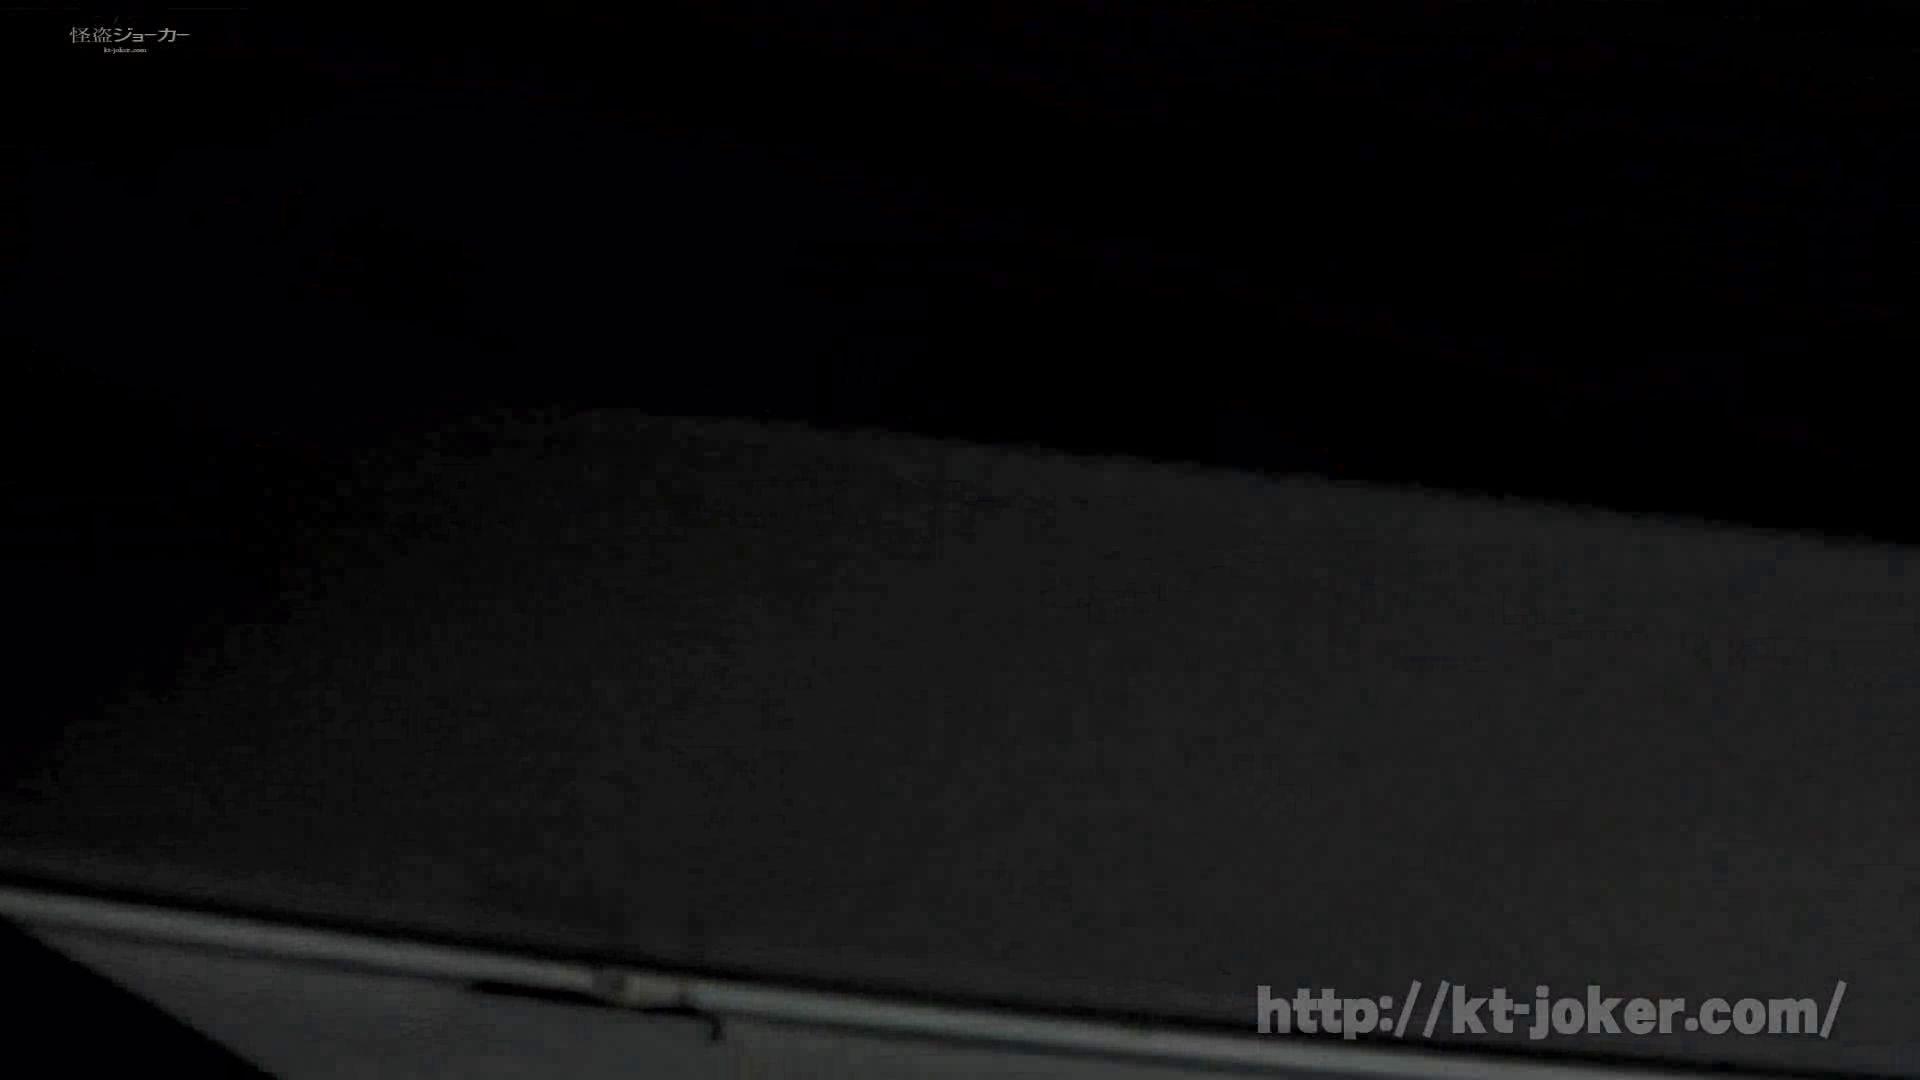 命がけ潜伏洗面所! vol.58 さらなる無謀な挑戦、新アングル、壁に穴を開ける 洗面所  110画像 72